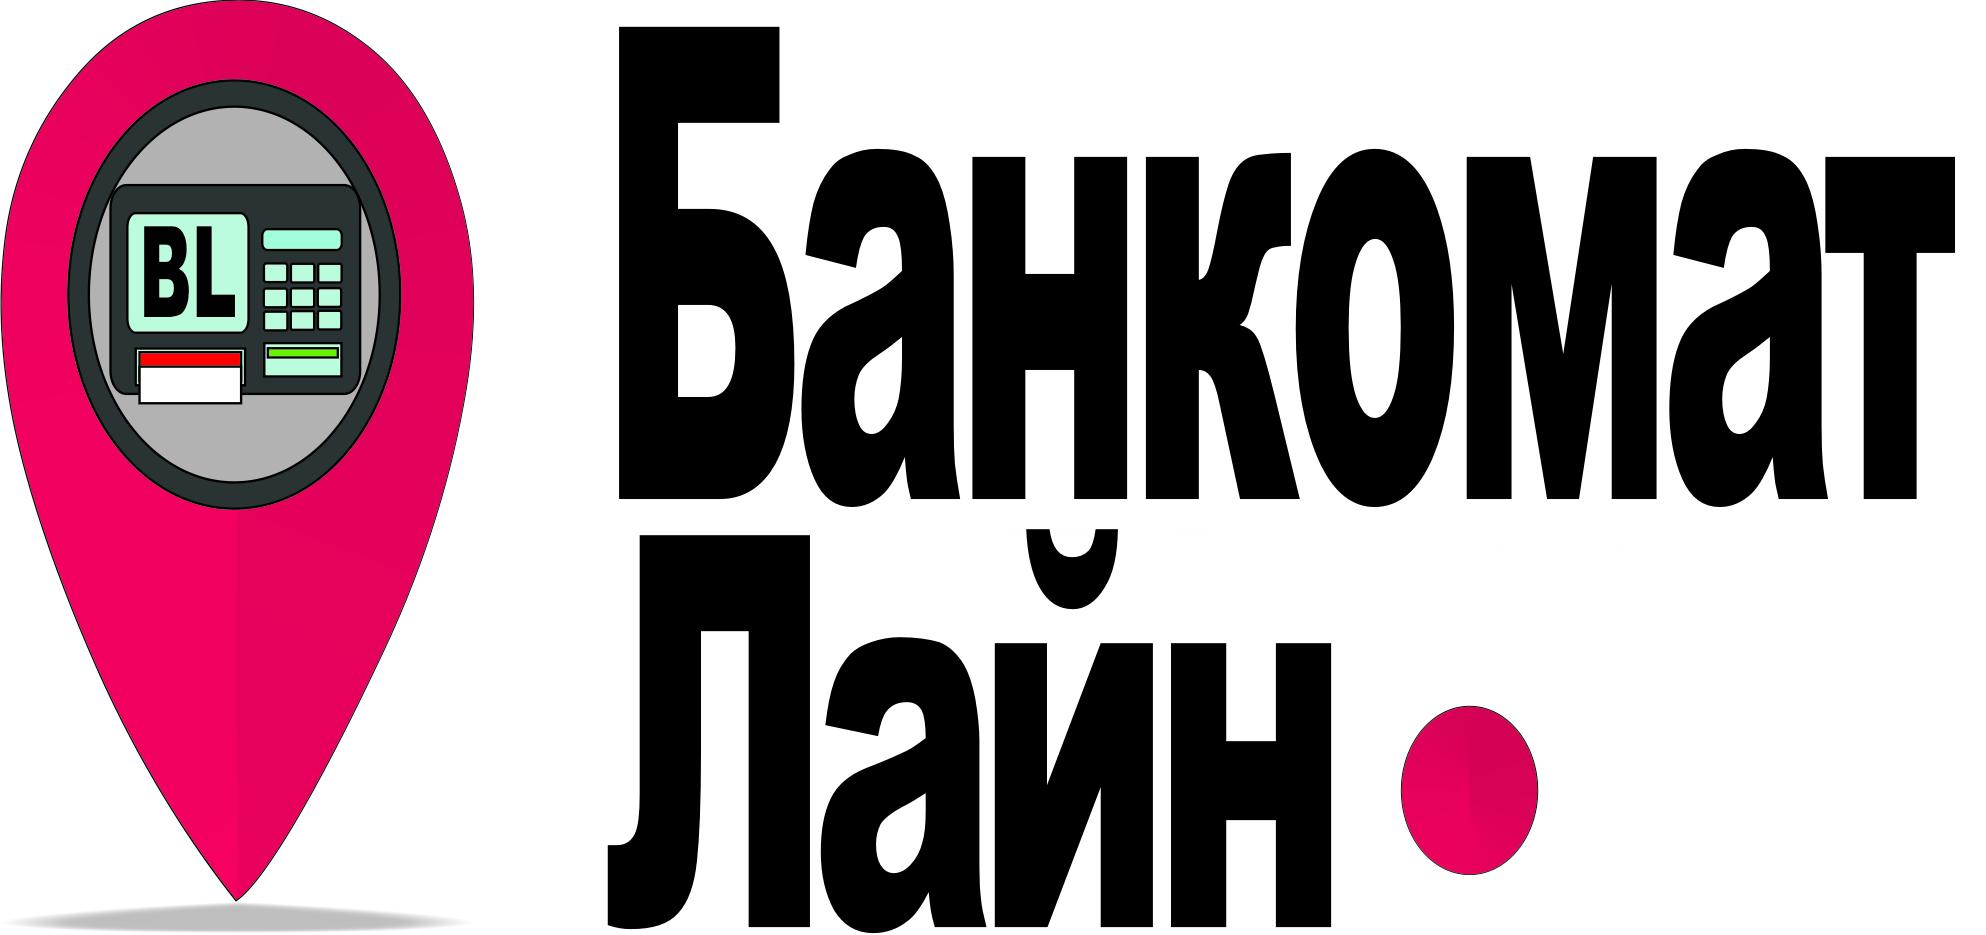 Разработка логотипа и слогана для транспортной компании фото f_29358756b494d262.jpg